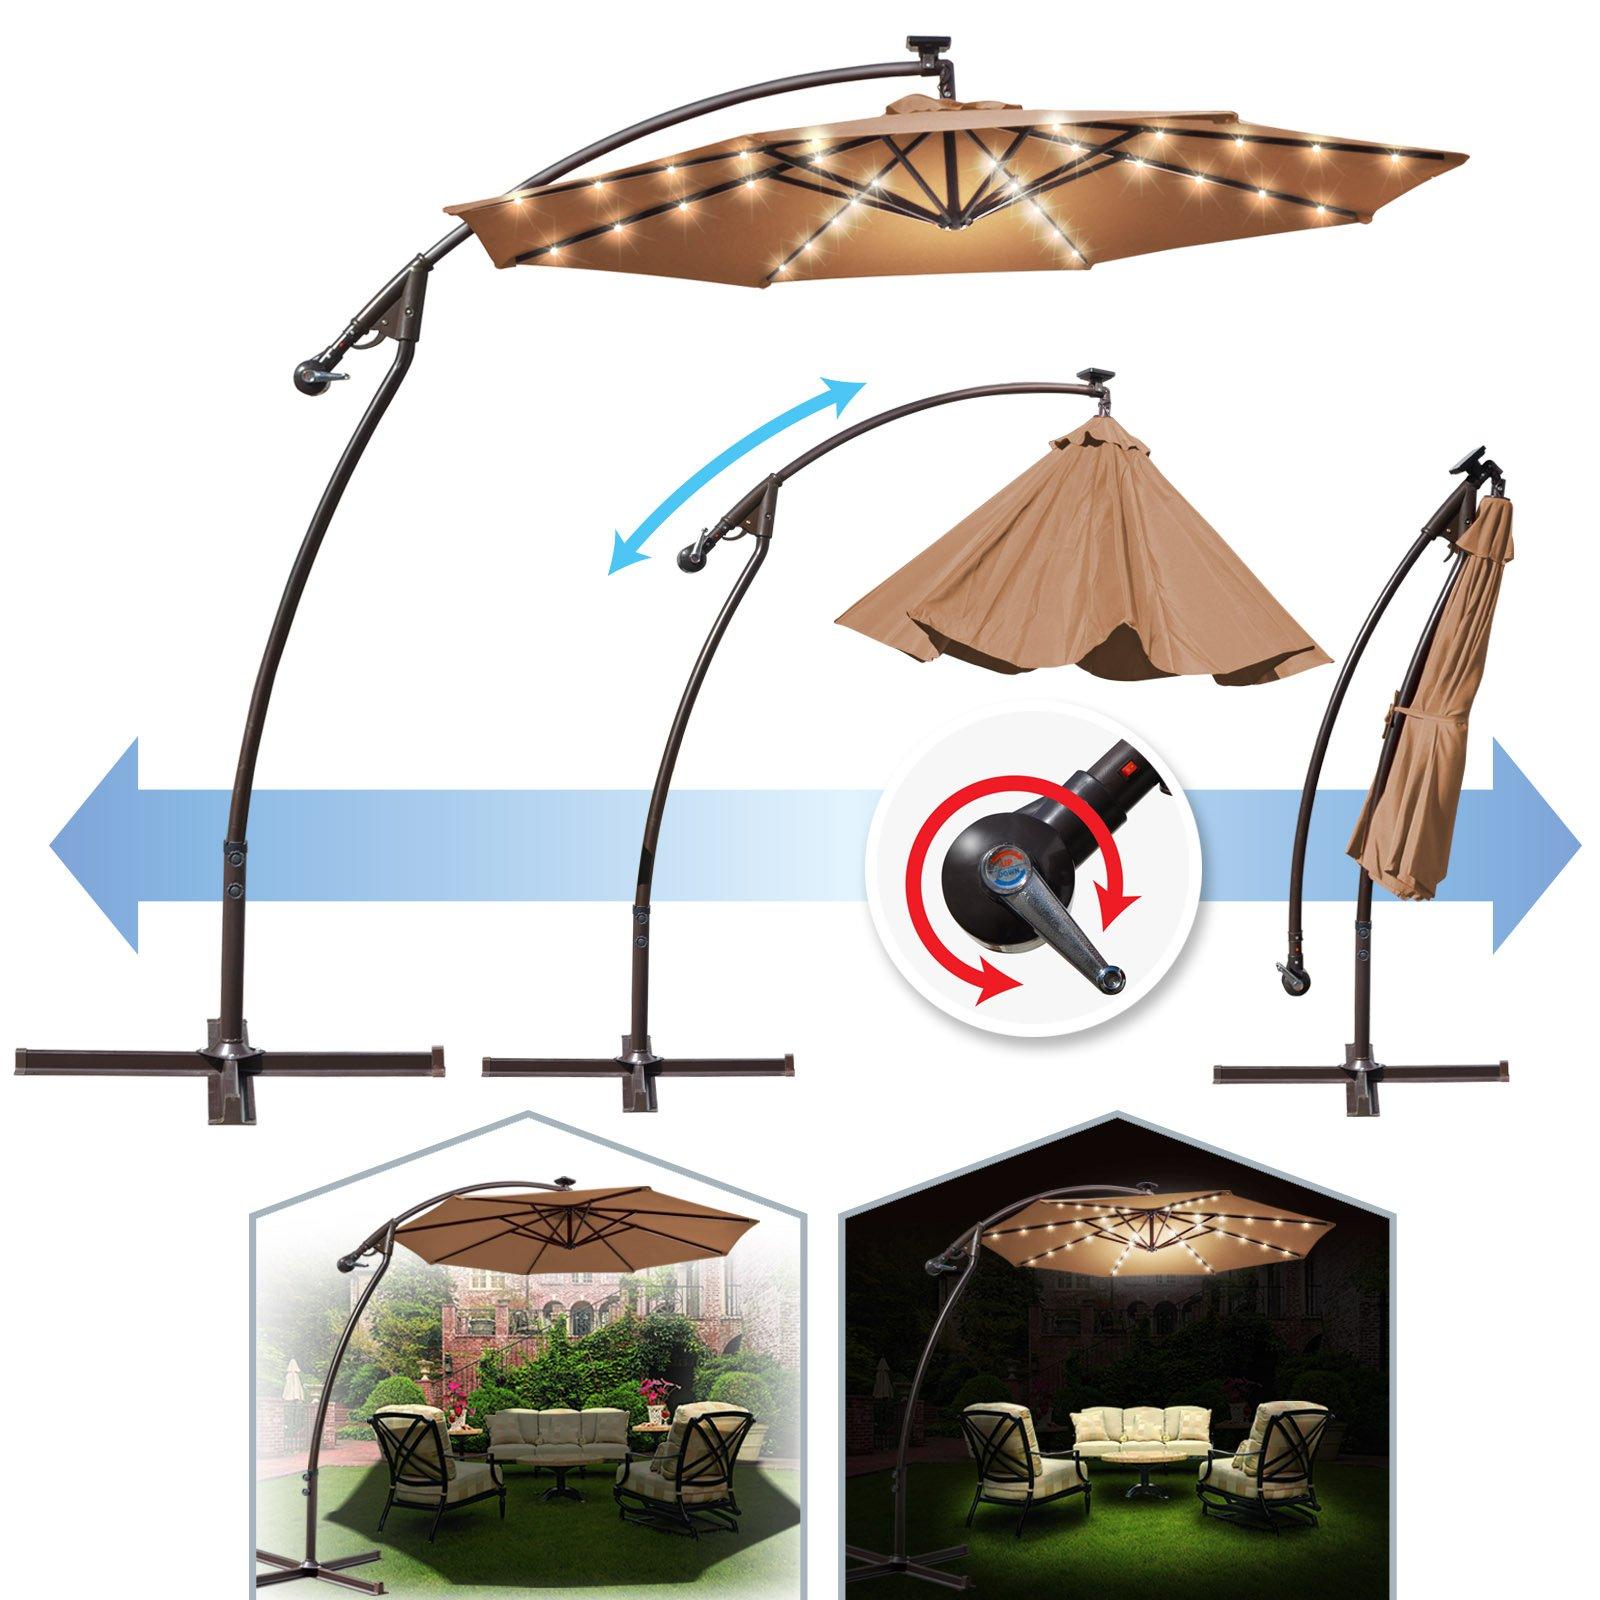 BenefitUSA 9' Cantilever 40 LED Light Patio Umbrella Outdoor Garden Sunshade (Tan) by BenefitUSA